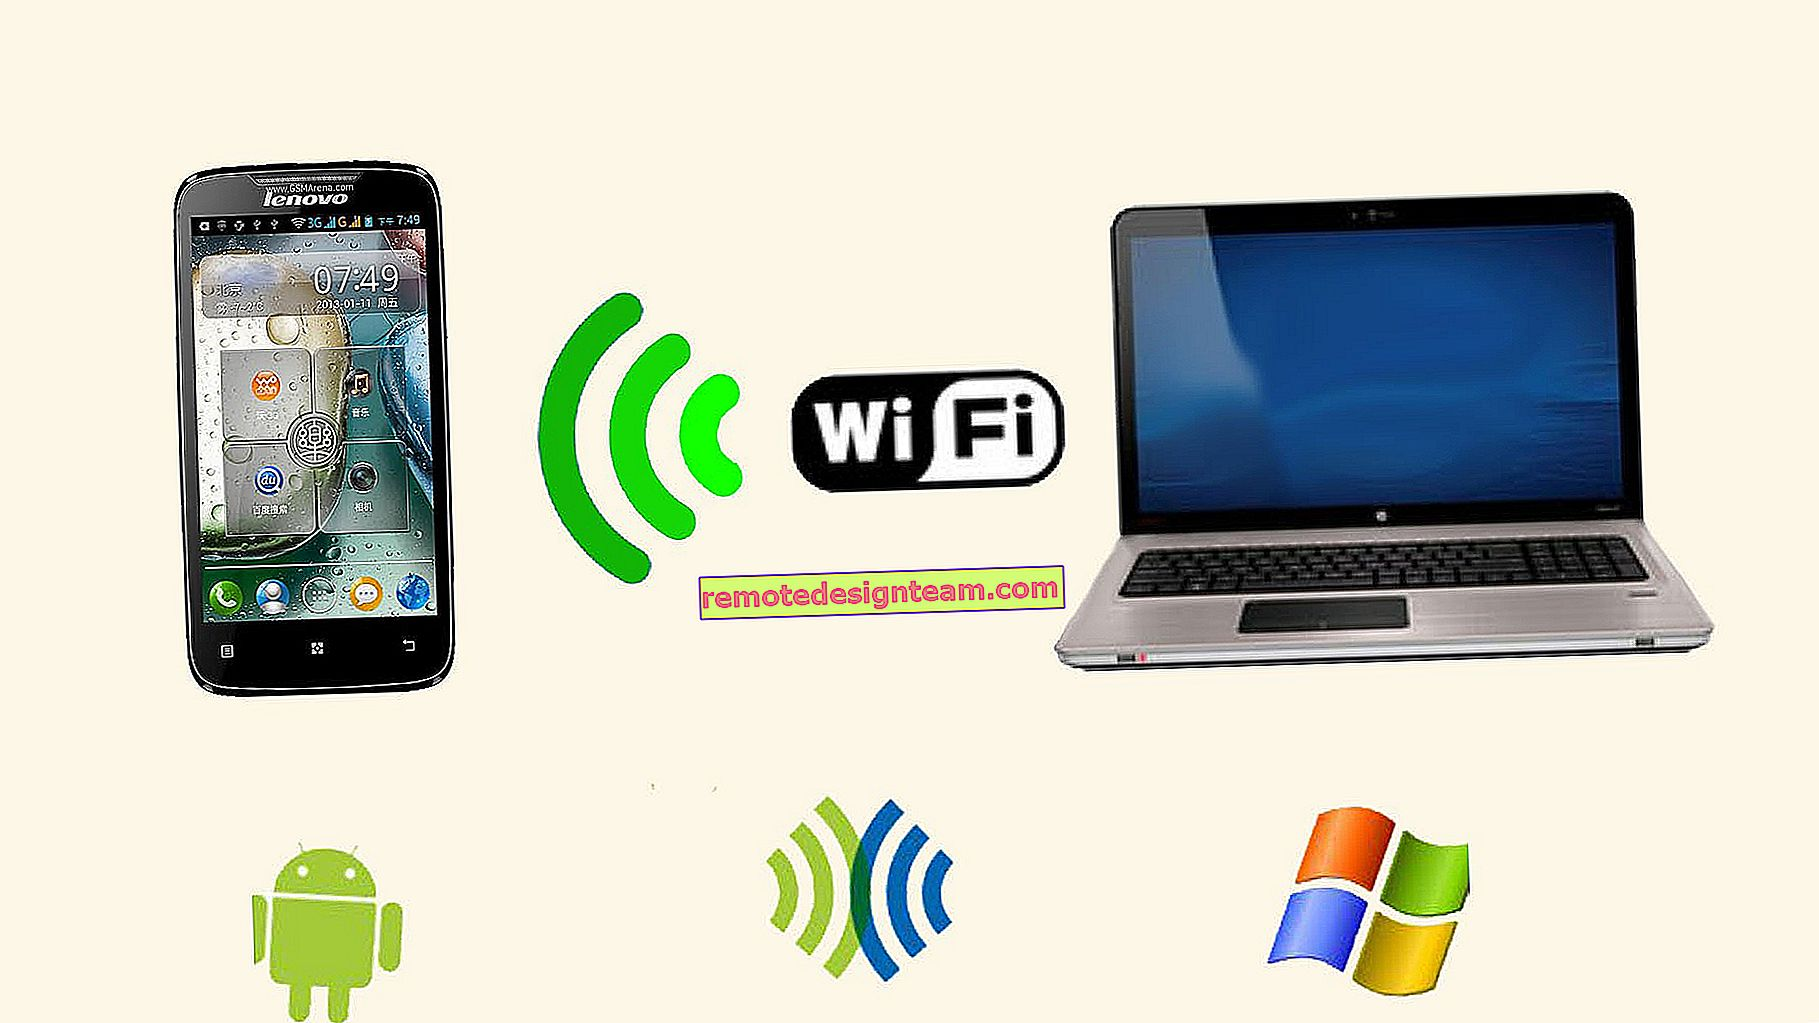 Automatycznie rozpocznij udostępnianie Wi-Fi po włączeniu laptopa